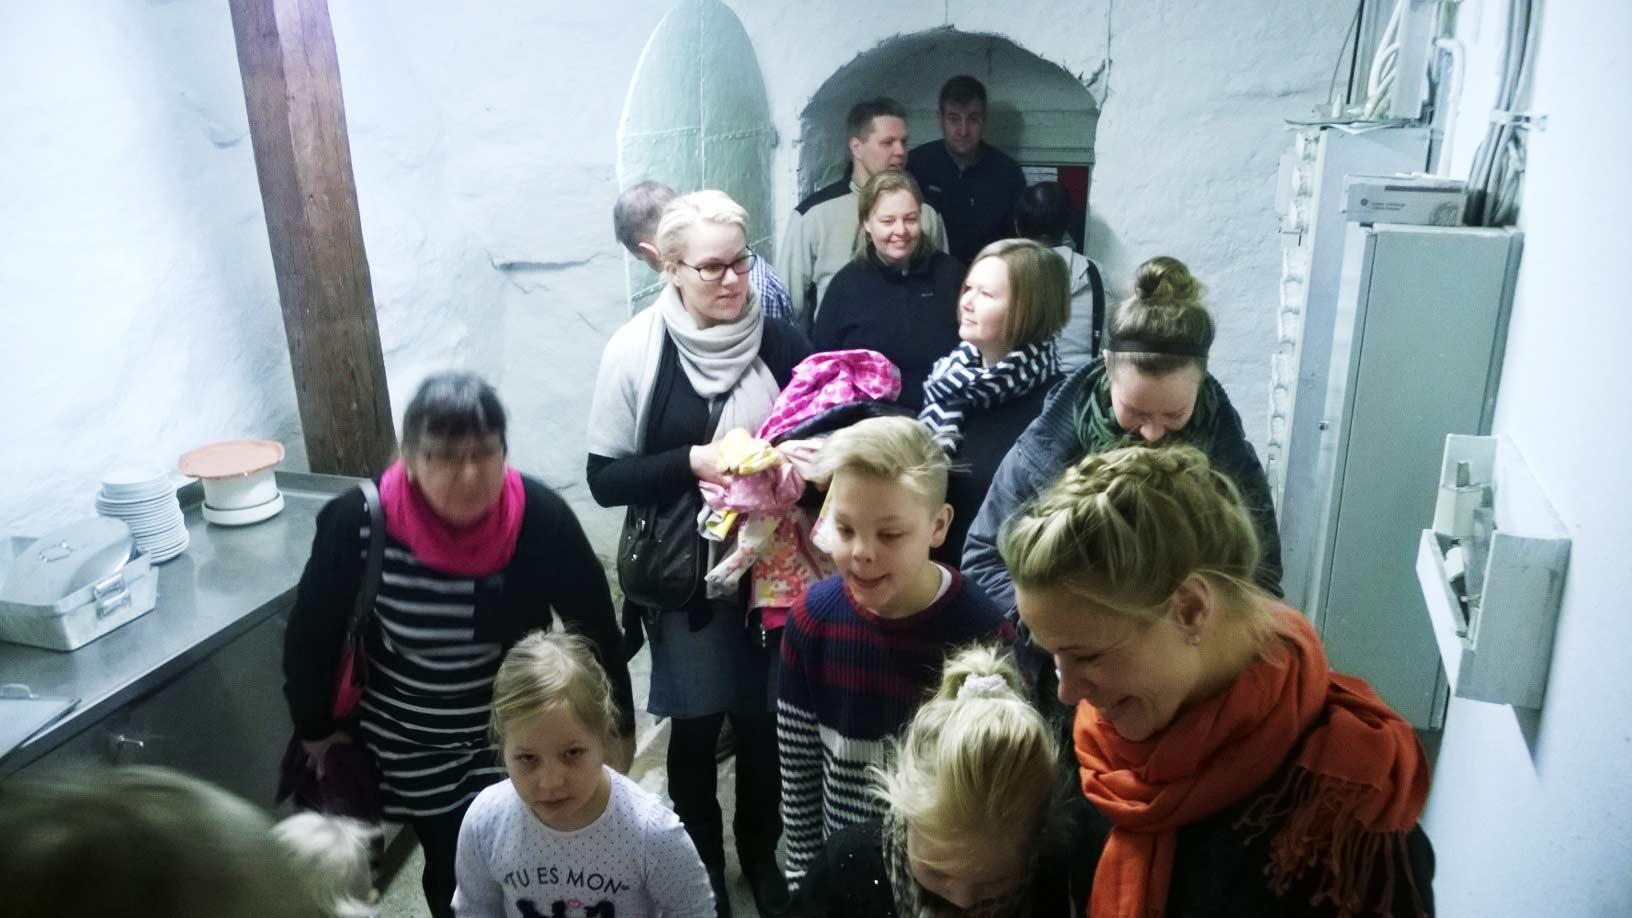 Kartanon kellari on 1500-luvulta. Ehkä hiukan pelottavakin paikka, sai lapset näkemään itsensä ritarileikeissä ja vankityrmissä.